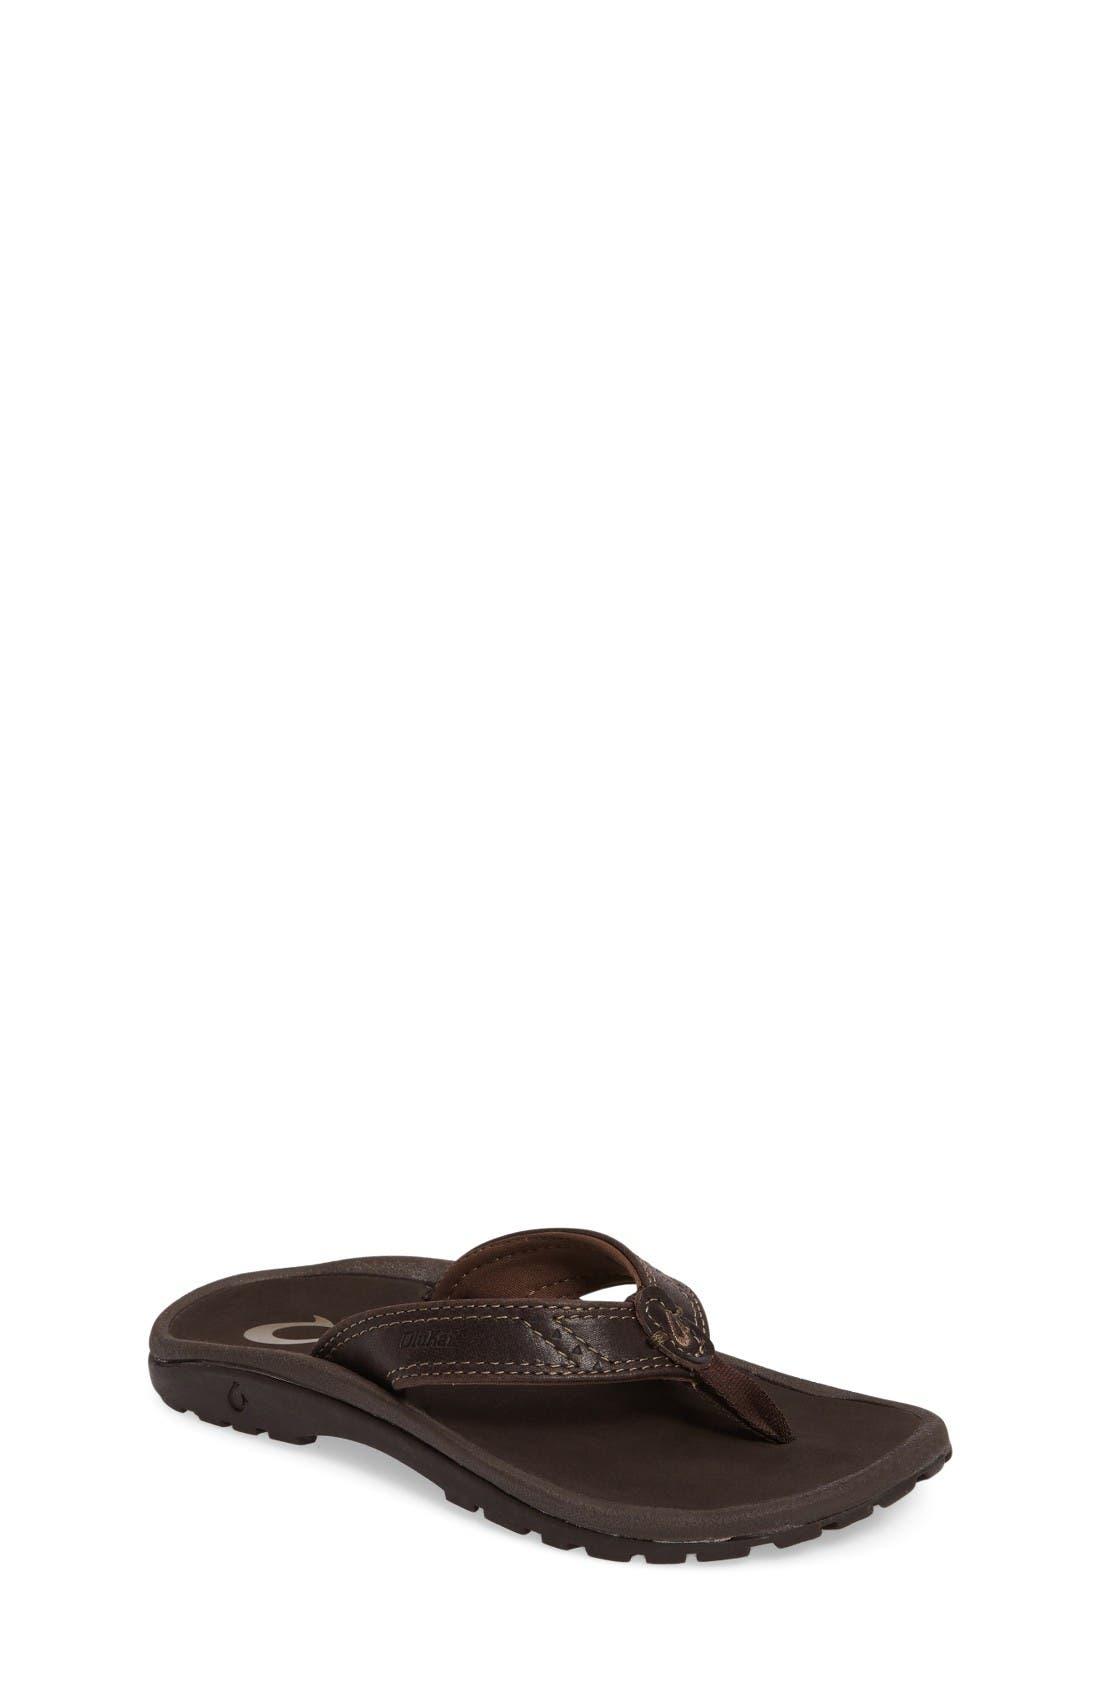 OluKai Nui Leather Flip Flop (Little Kid & Big Kid)